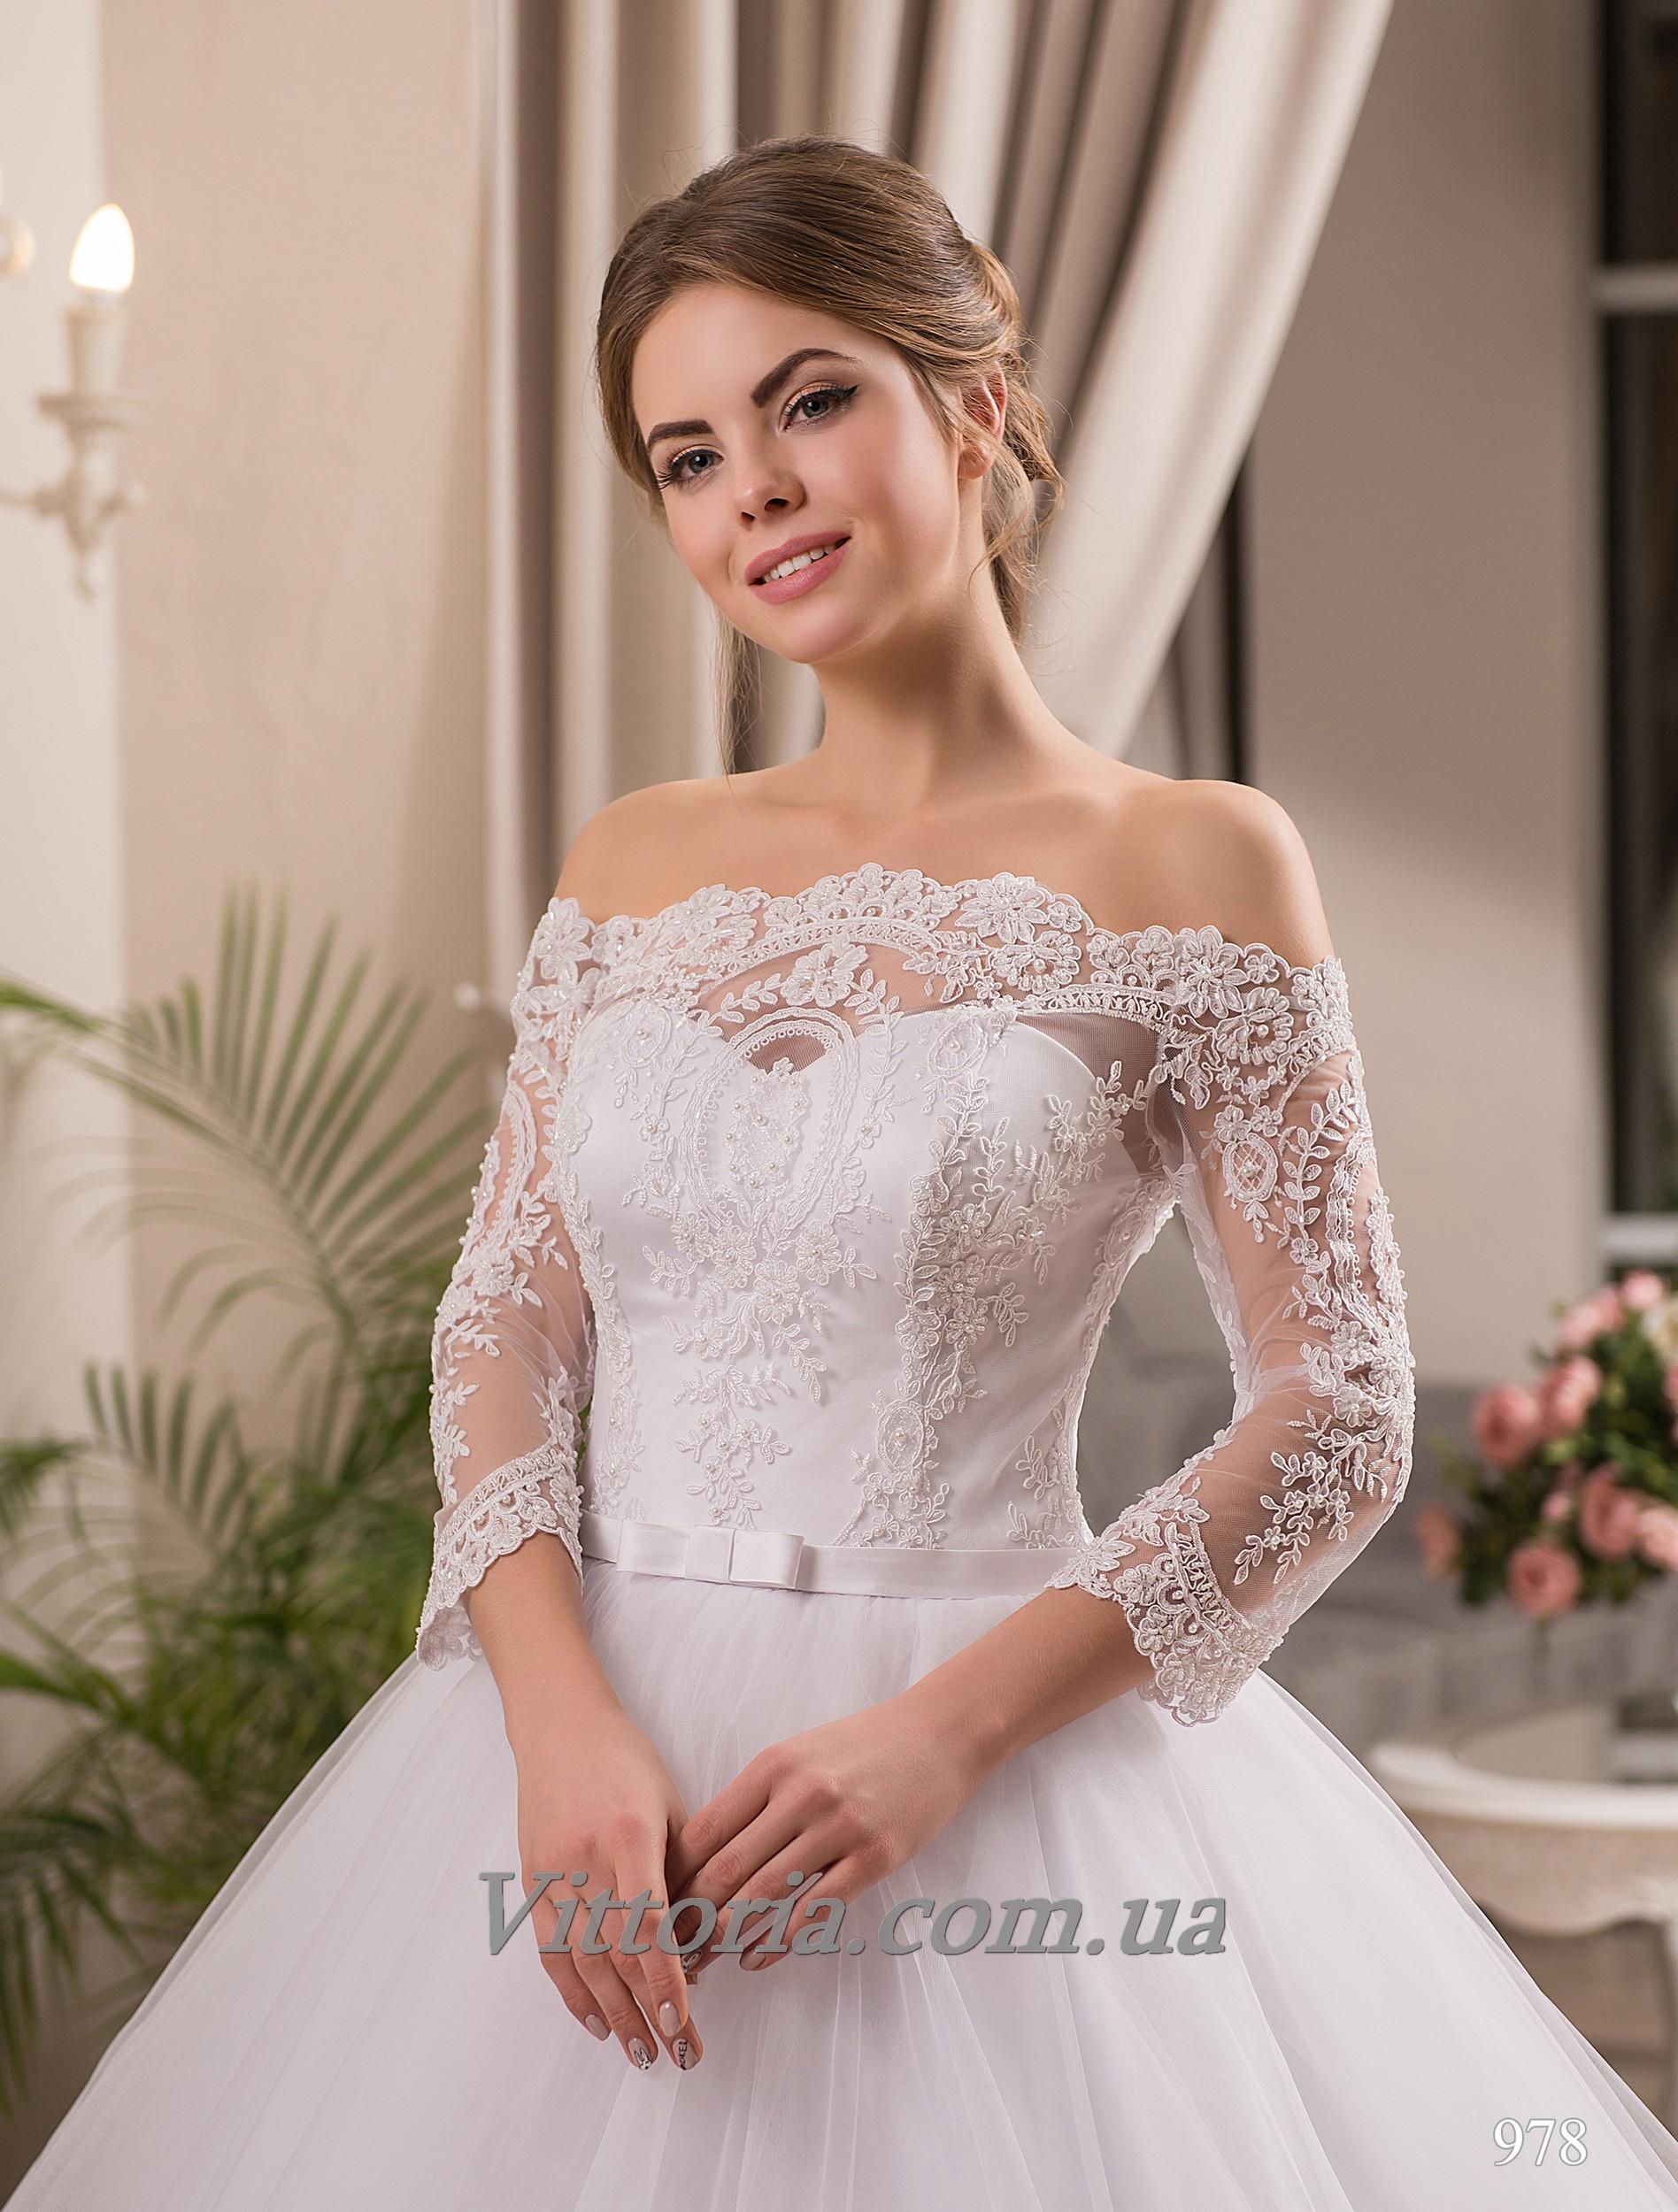 Свадебное платье Модель 17-978